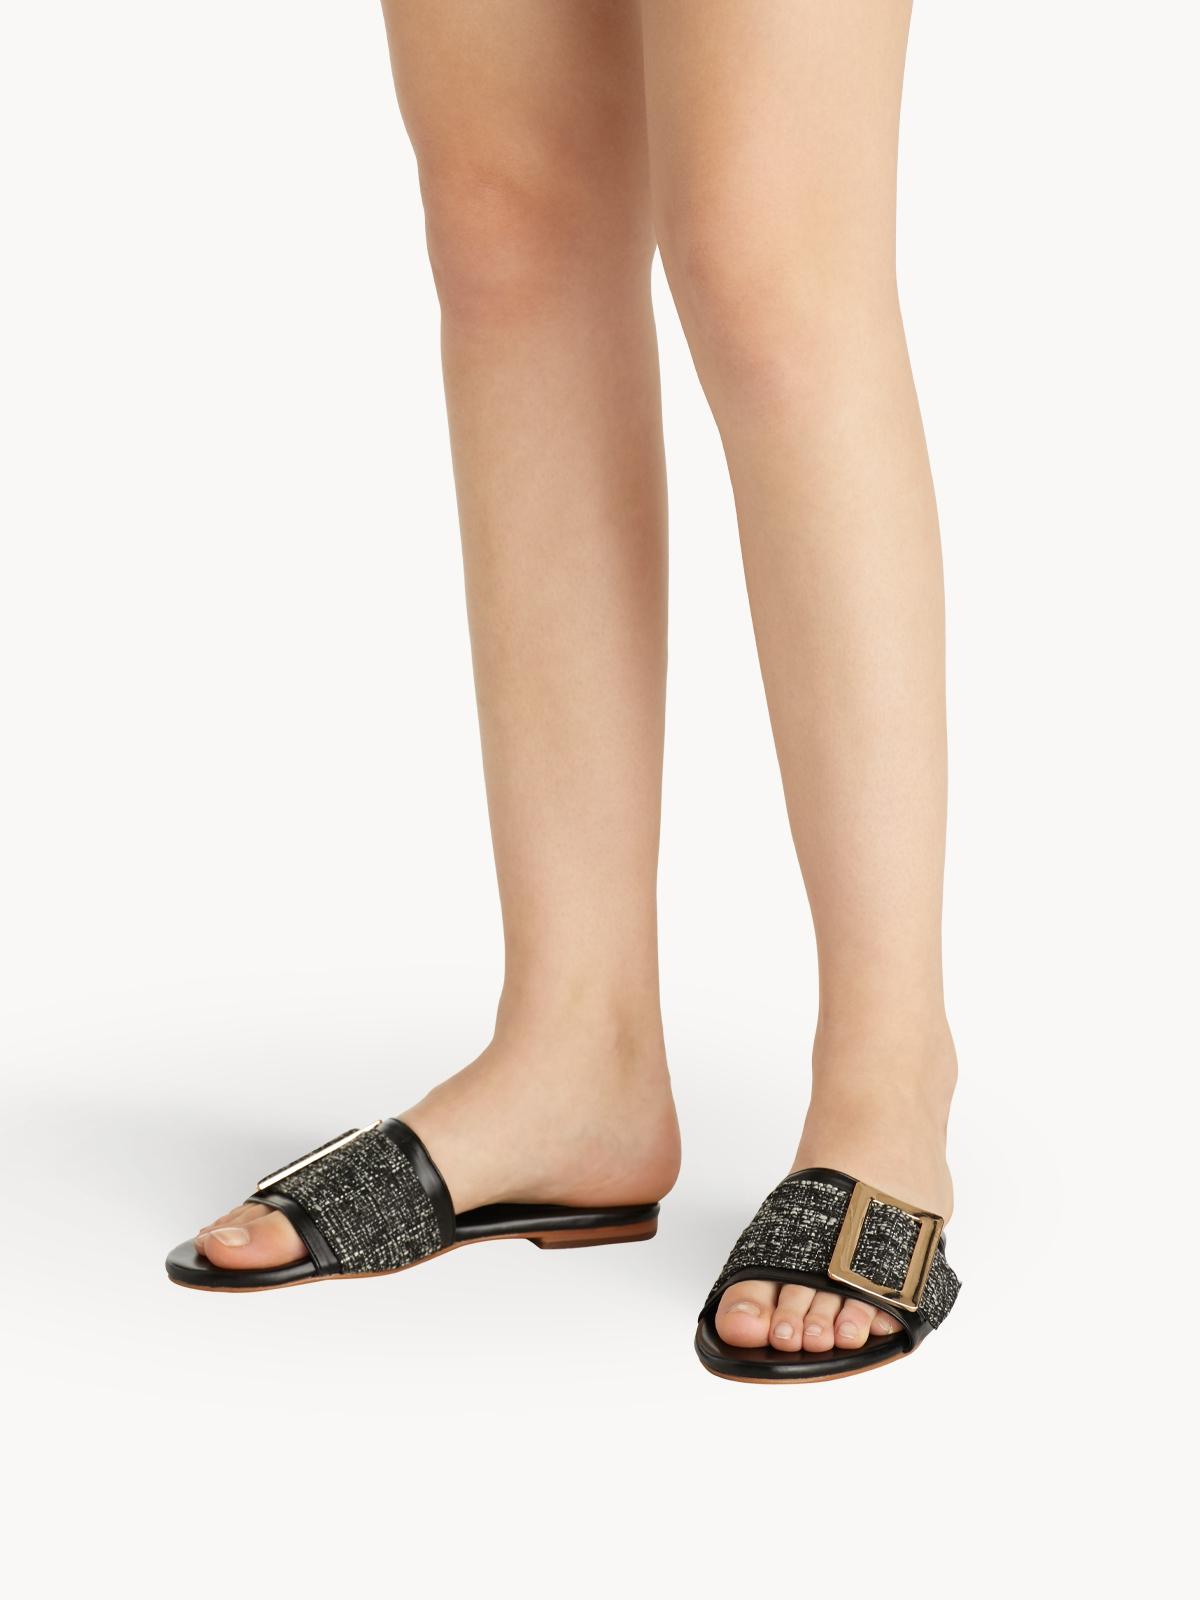 Chawisa Tweed Sandals Black